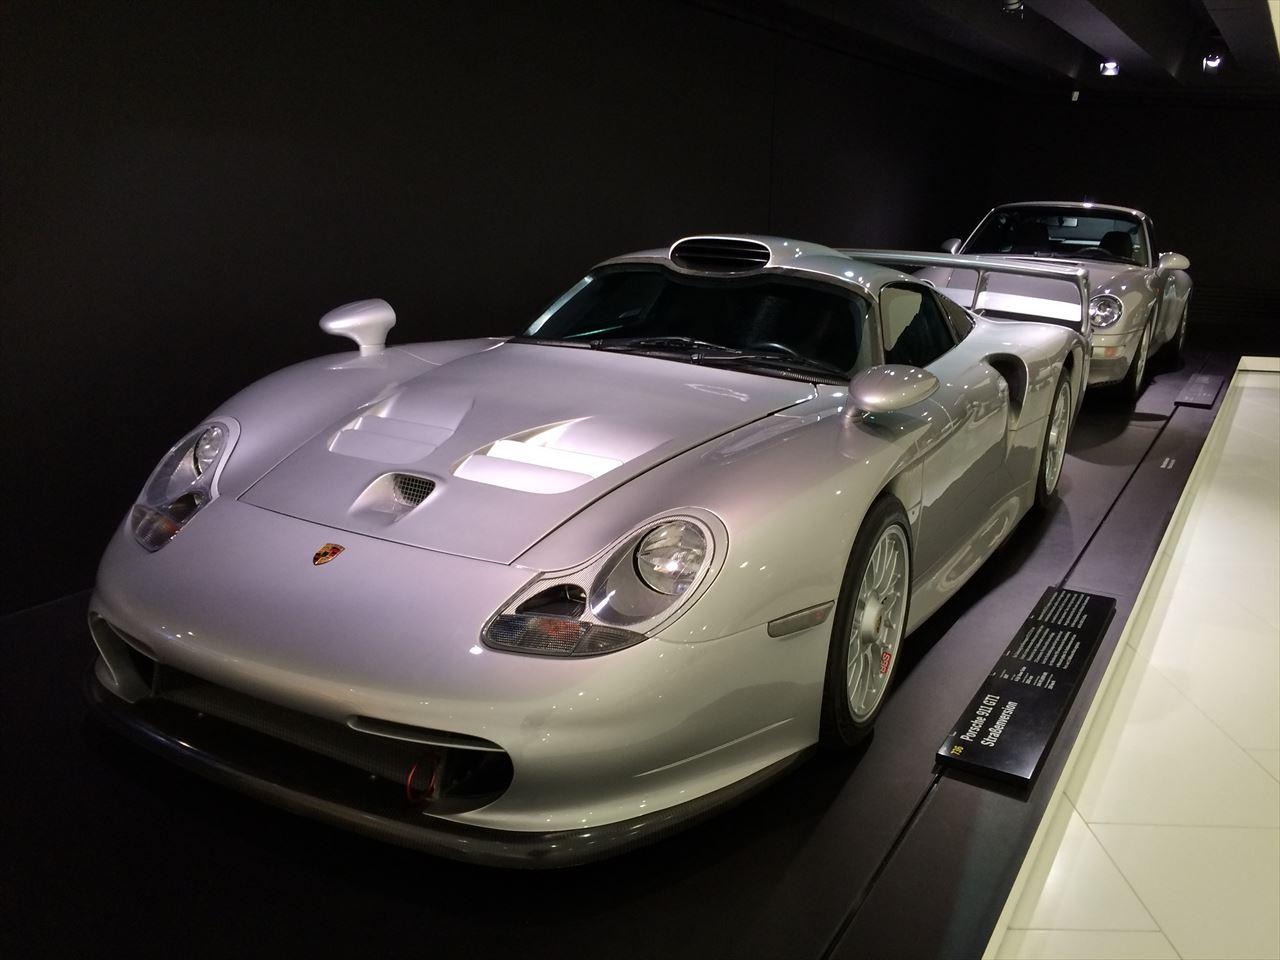 マクラーレン・F1」に対抗しポルシェ911をベースに開発した、LM,GT1規定のレーシングカーなんですその「ポルシェ・911 GT1 」のホモロゲを取るために作られた車です